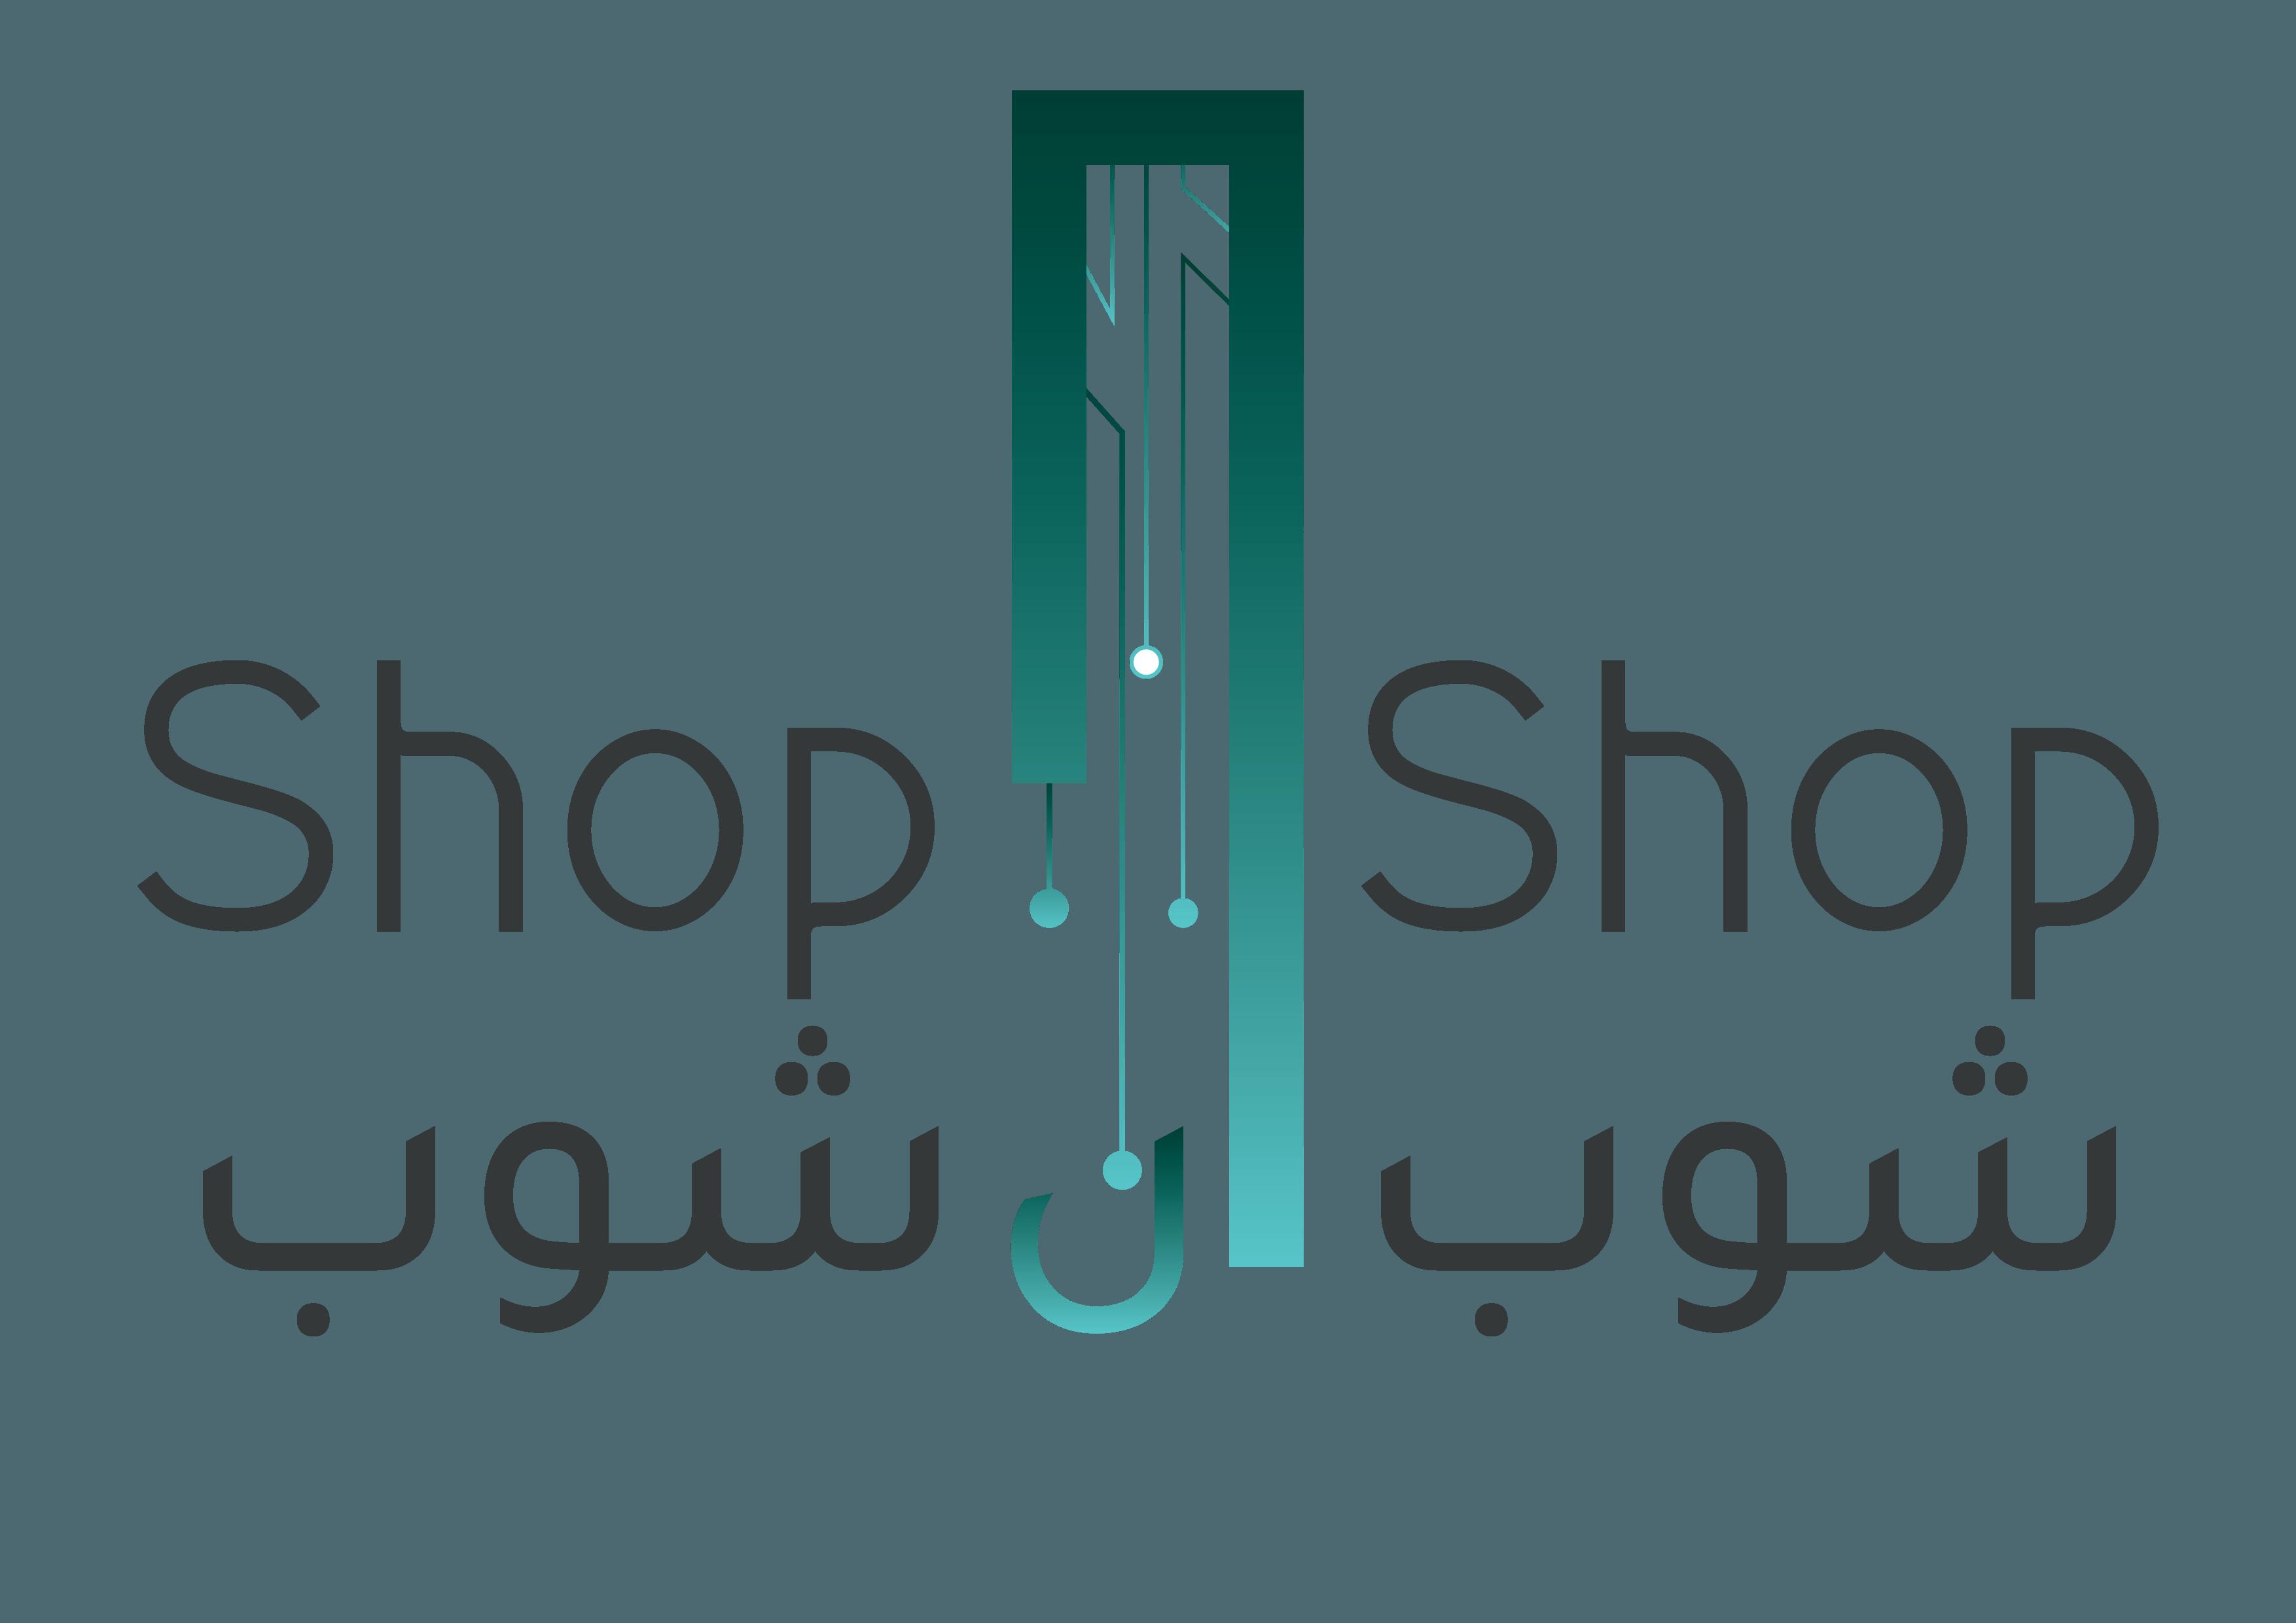 ShopnShop